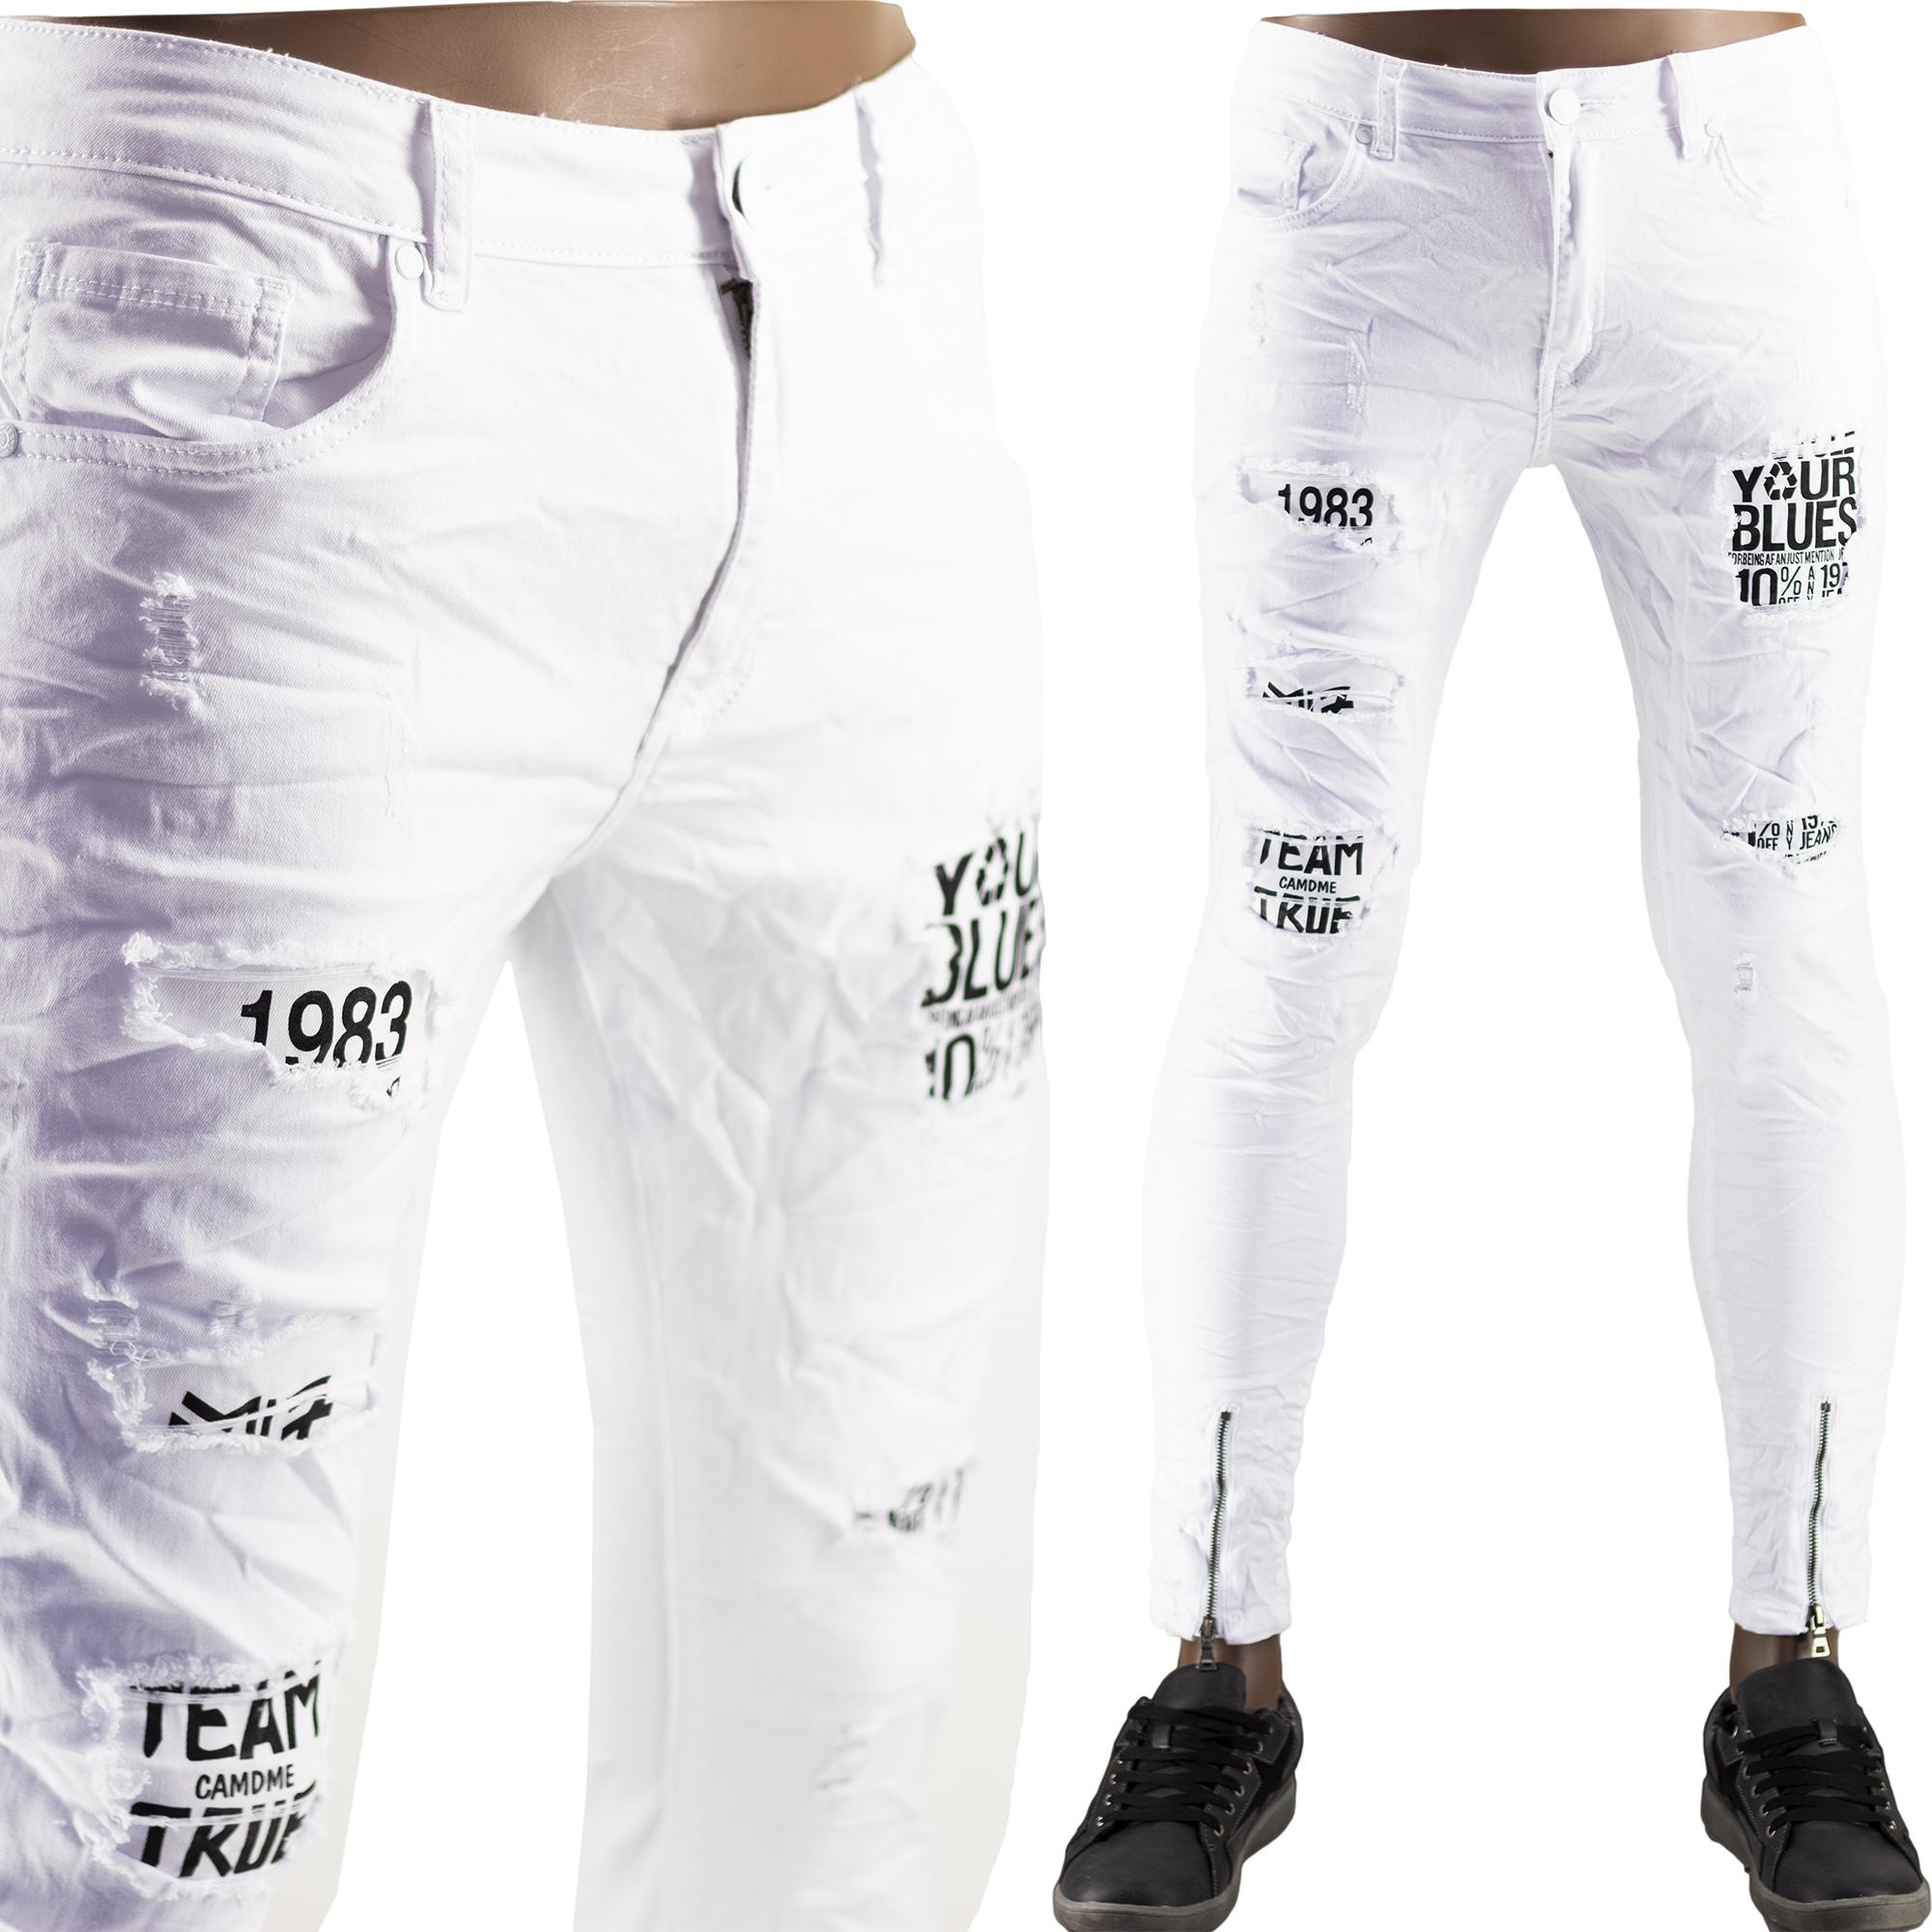 prezzo competitivo 444e8 ccf24 Pantaloni Jeans Bianchi Slim Uomo Particolari Strappati Elasticizzati  Strappati Toppe Bianco